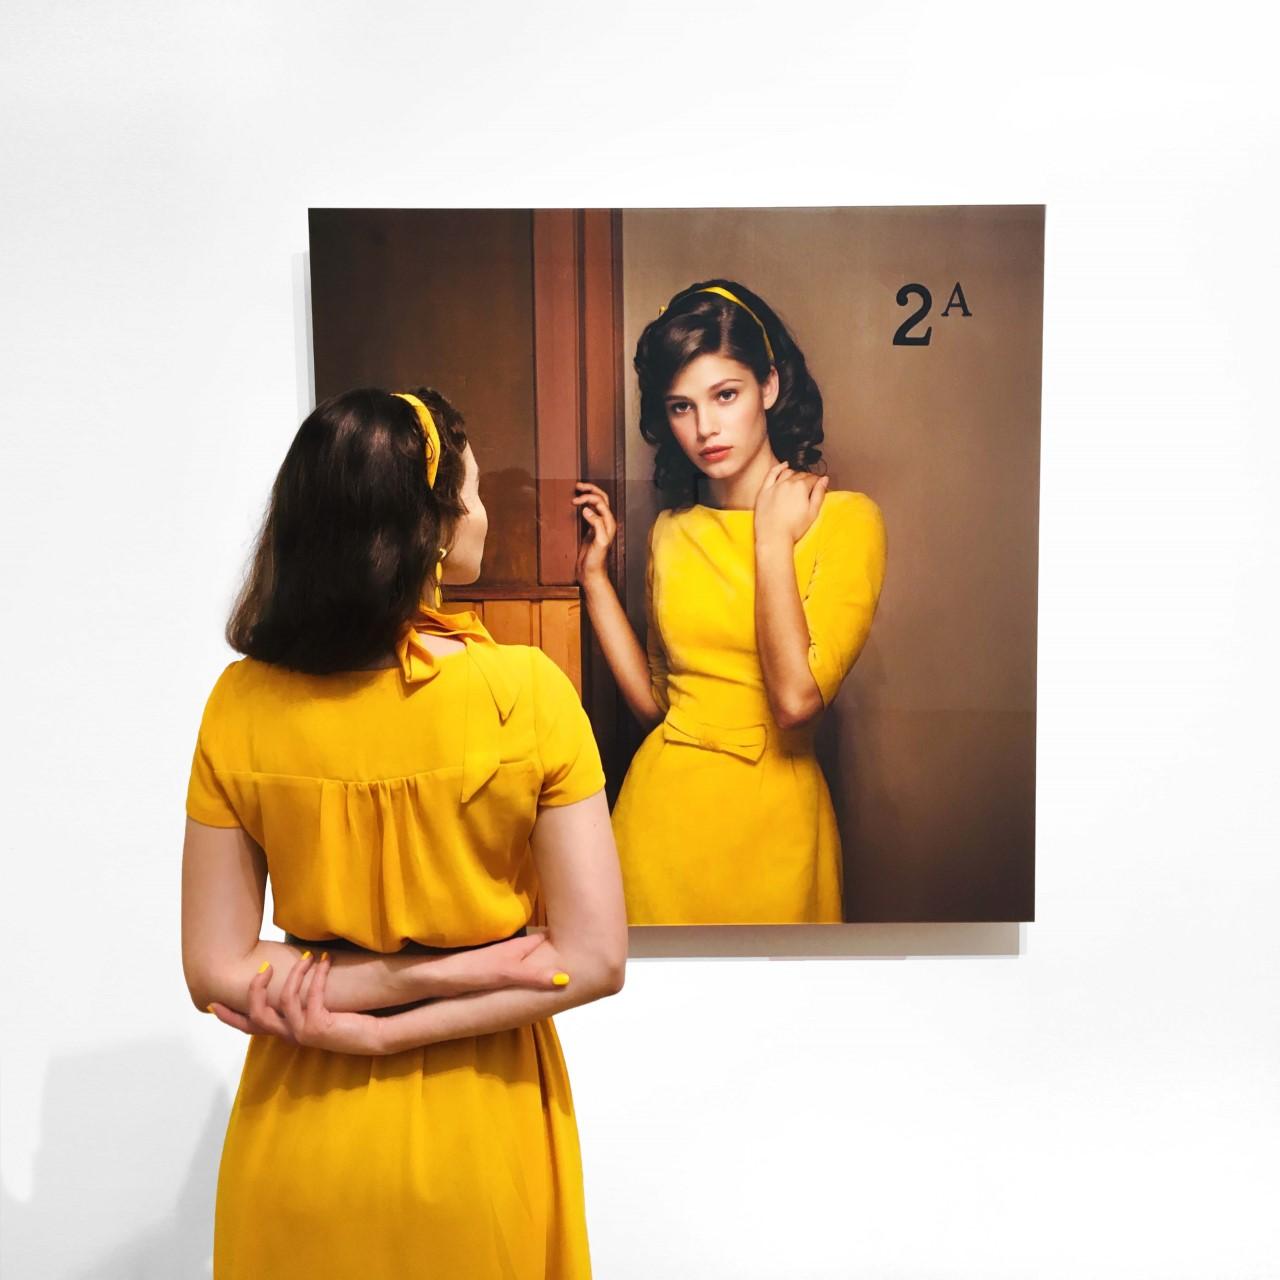 Zelfportret met Erwin Olaf's 'image 5' uit 2007 van de serie 'Hope' in het Kunstmuseum Den Haag (2019)